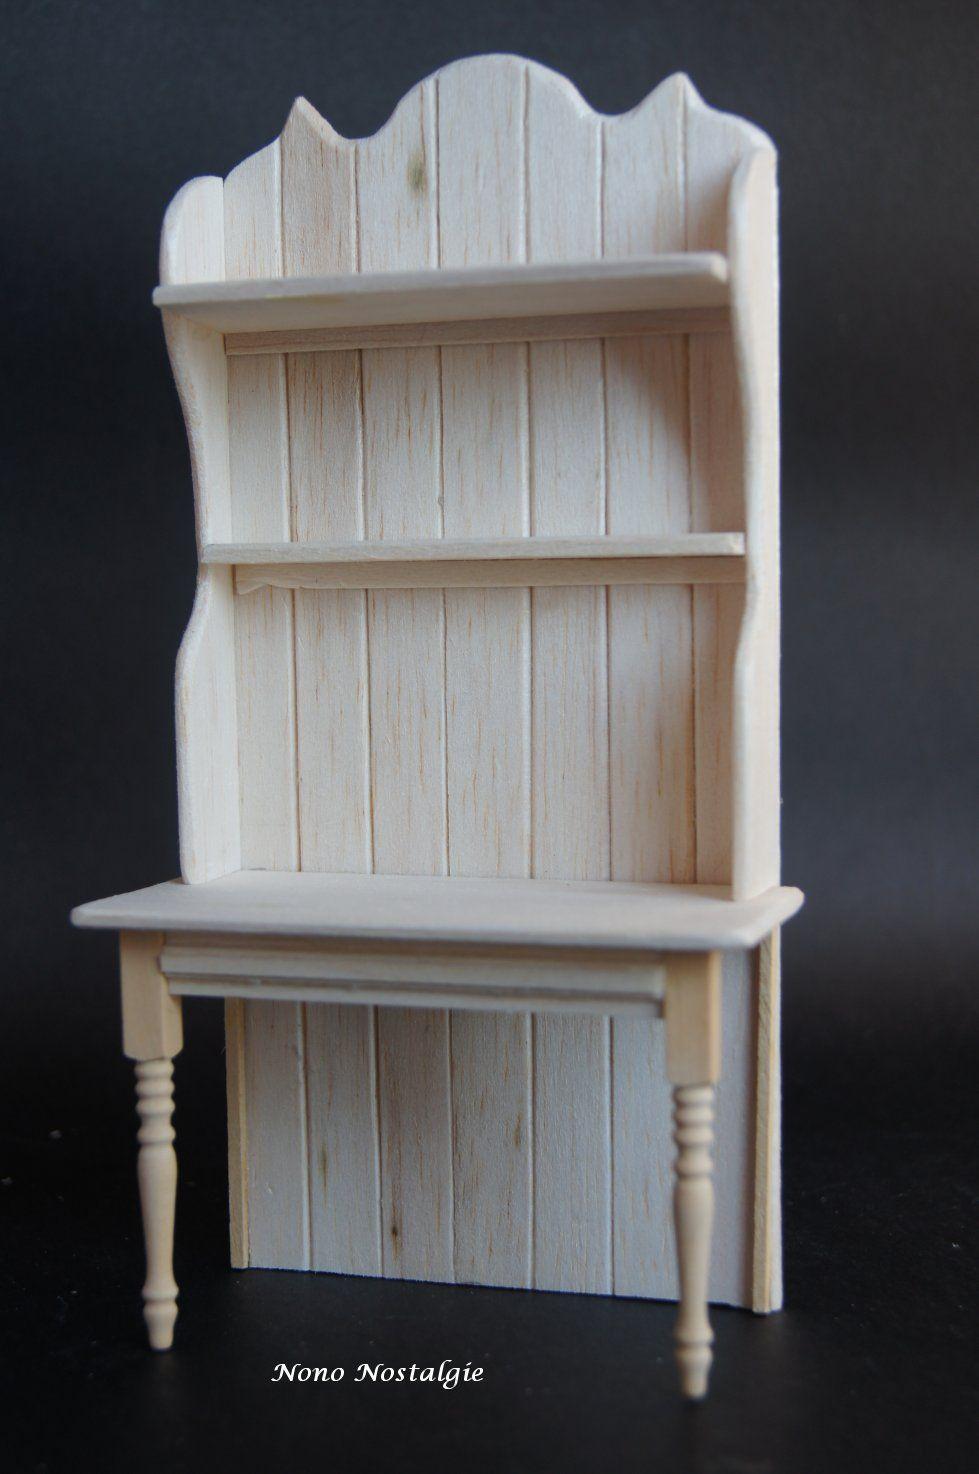 Voici les 4 derniers meubles de rangement pour mes jouets...   Pour le rez de chaussée côté droit, une petite étagère à suspendre en ba...